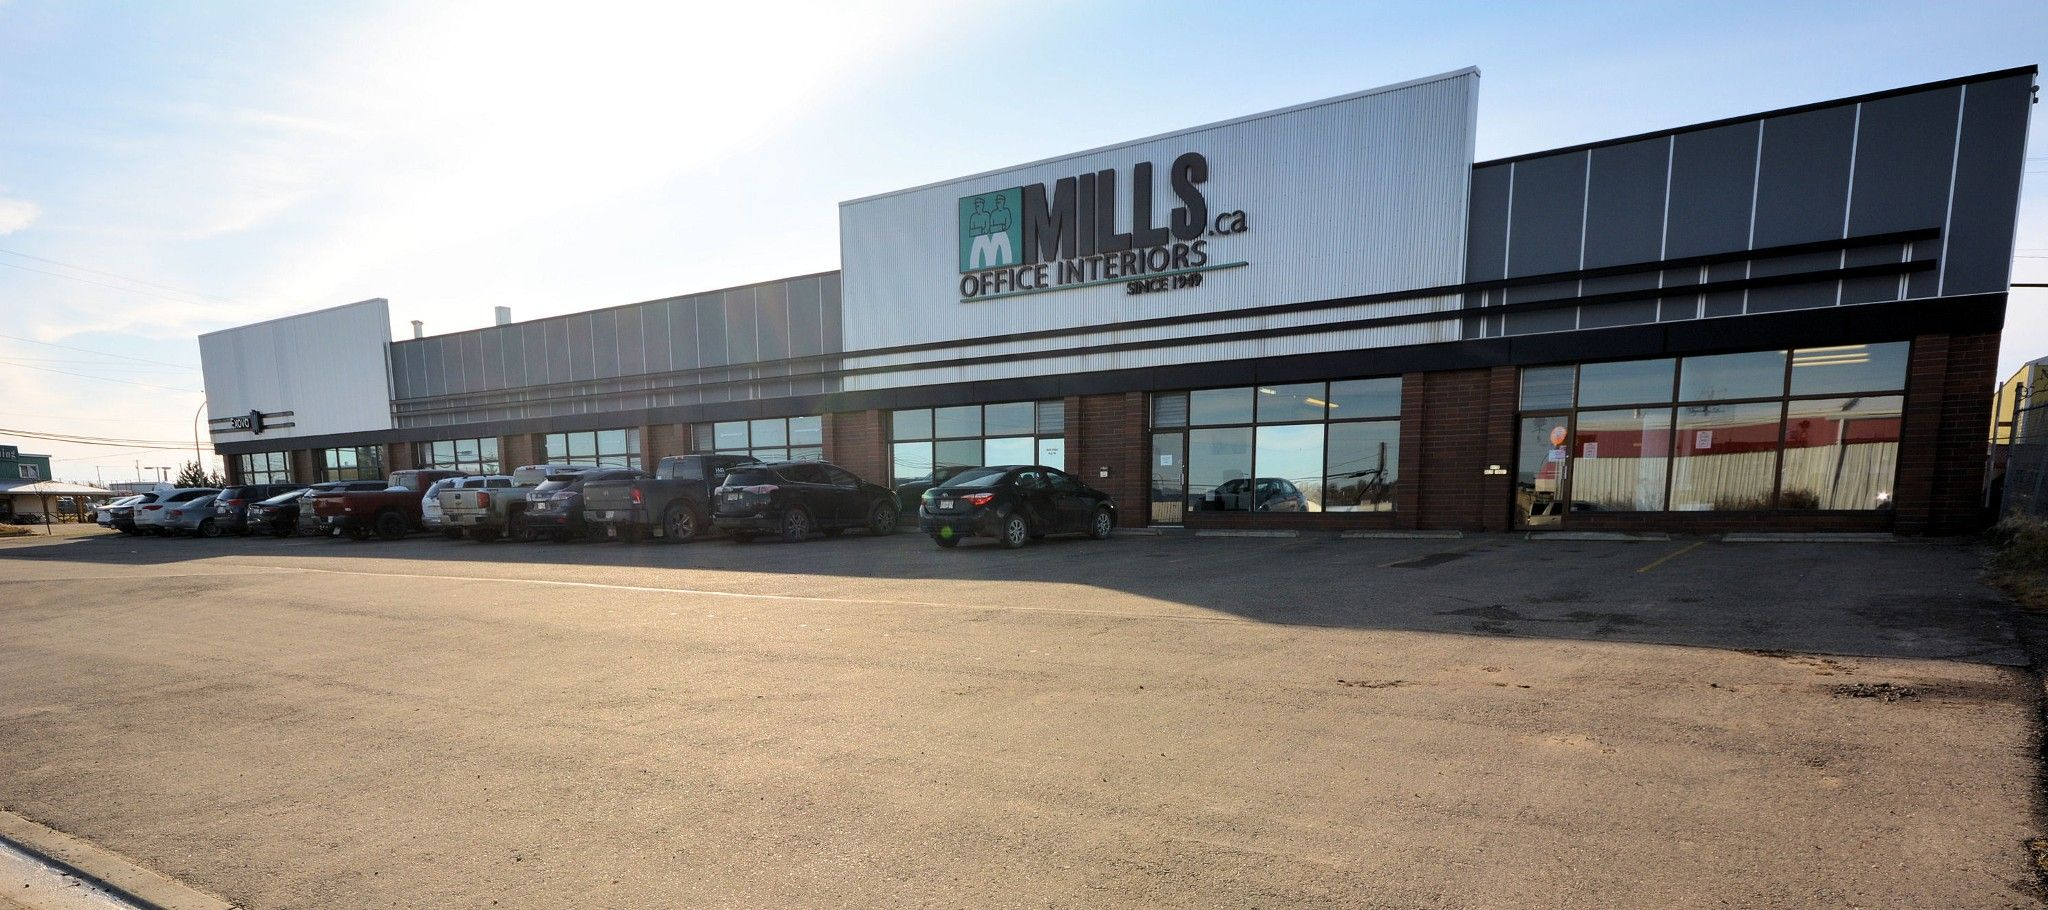 Main Photo: 8822 100 Street in Fort St. John: Fort St. John - City SW Industrial for sale (Fort St. John (Zone 60))